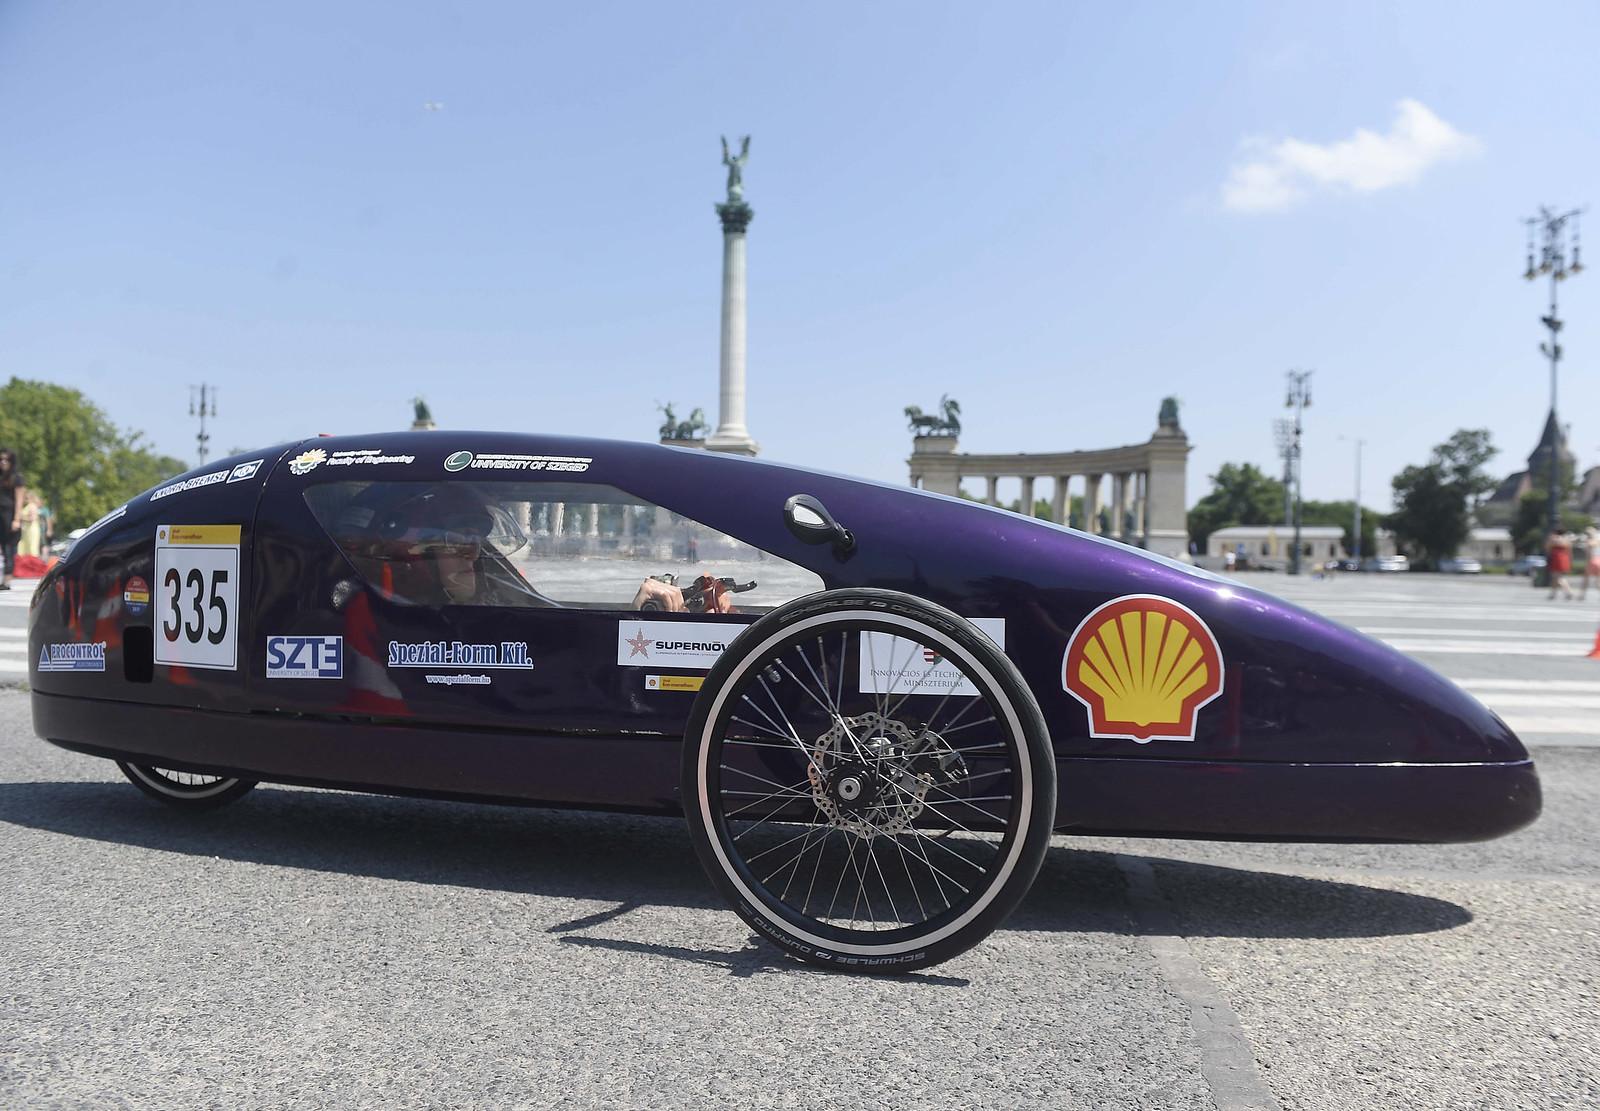 A szegedi egyetem ilyen menő elektromos autóval próbál 1kilowattórával megtenni közel 300 kilométert